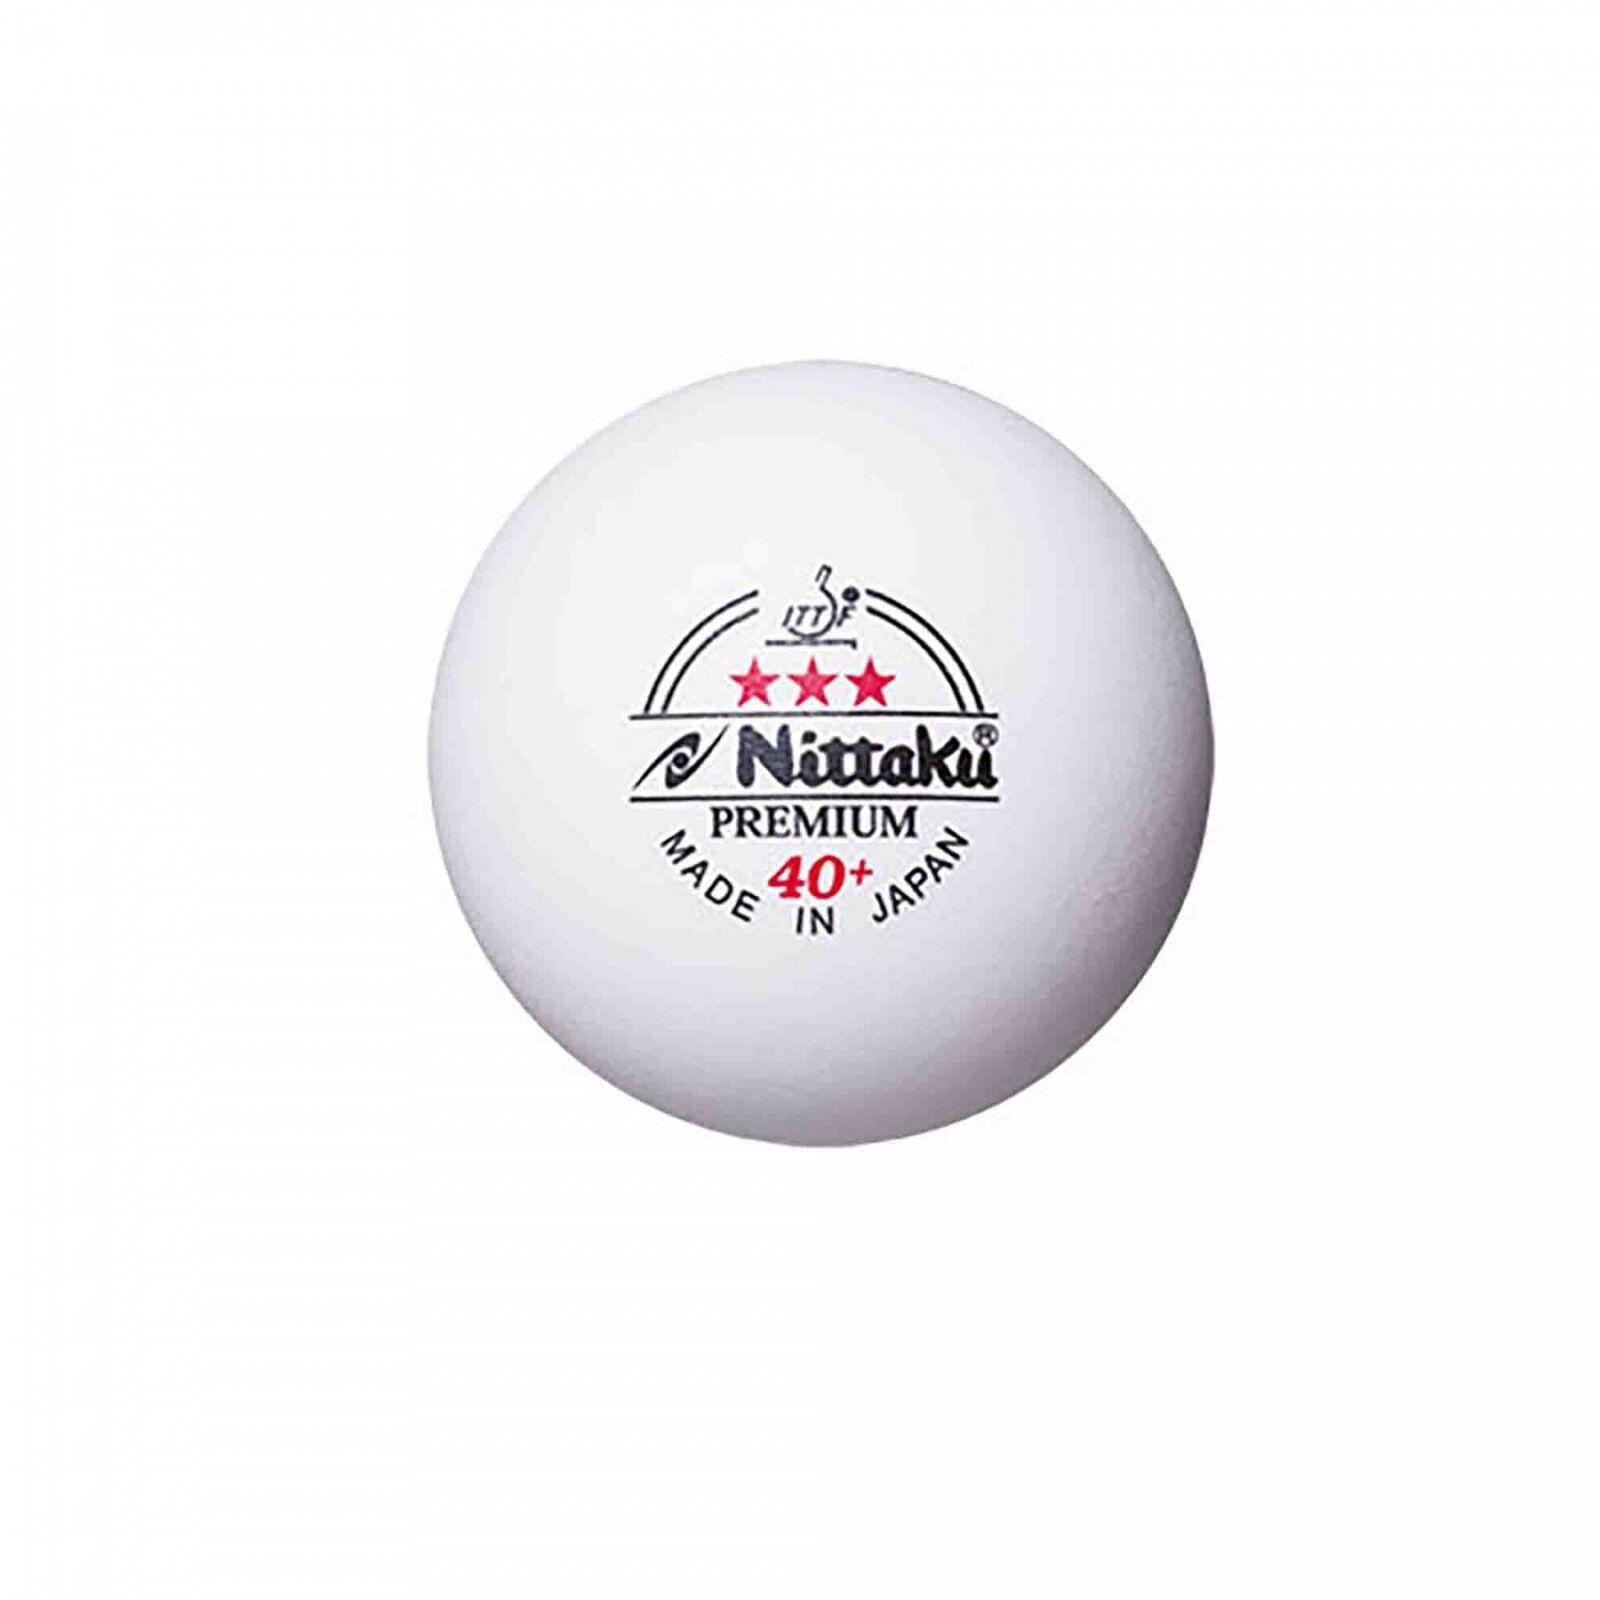 Nittaku Tischtennis Ball Premium 40+    Cell Free 120er weiß- ZUM SONDERPREIS  | Verrückter Preis, Birmingham  | Professionelles Design  | Verschiedene Waren  2f6c7c